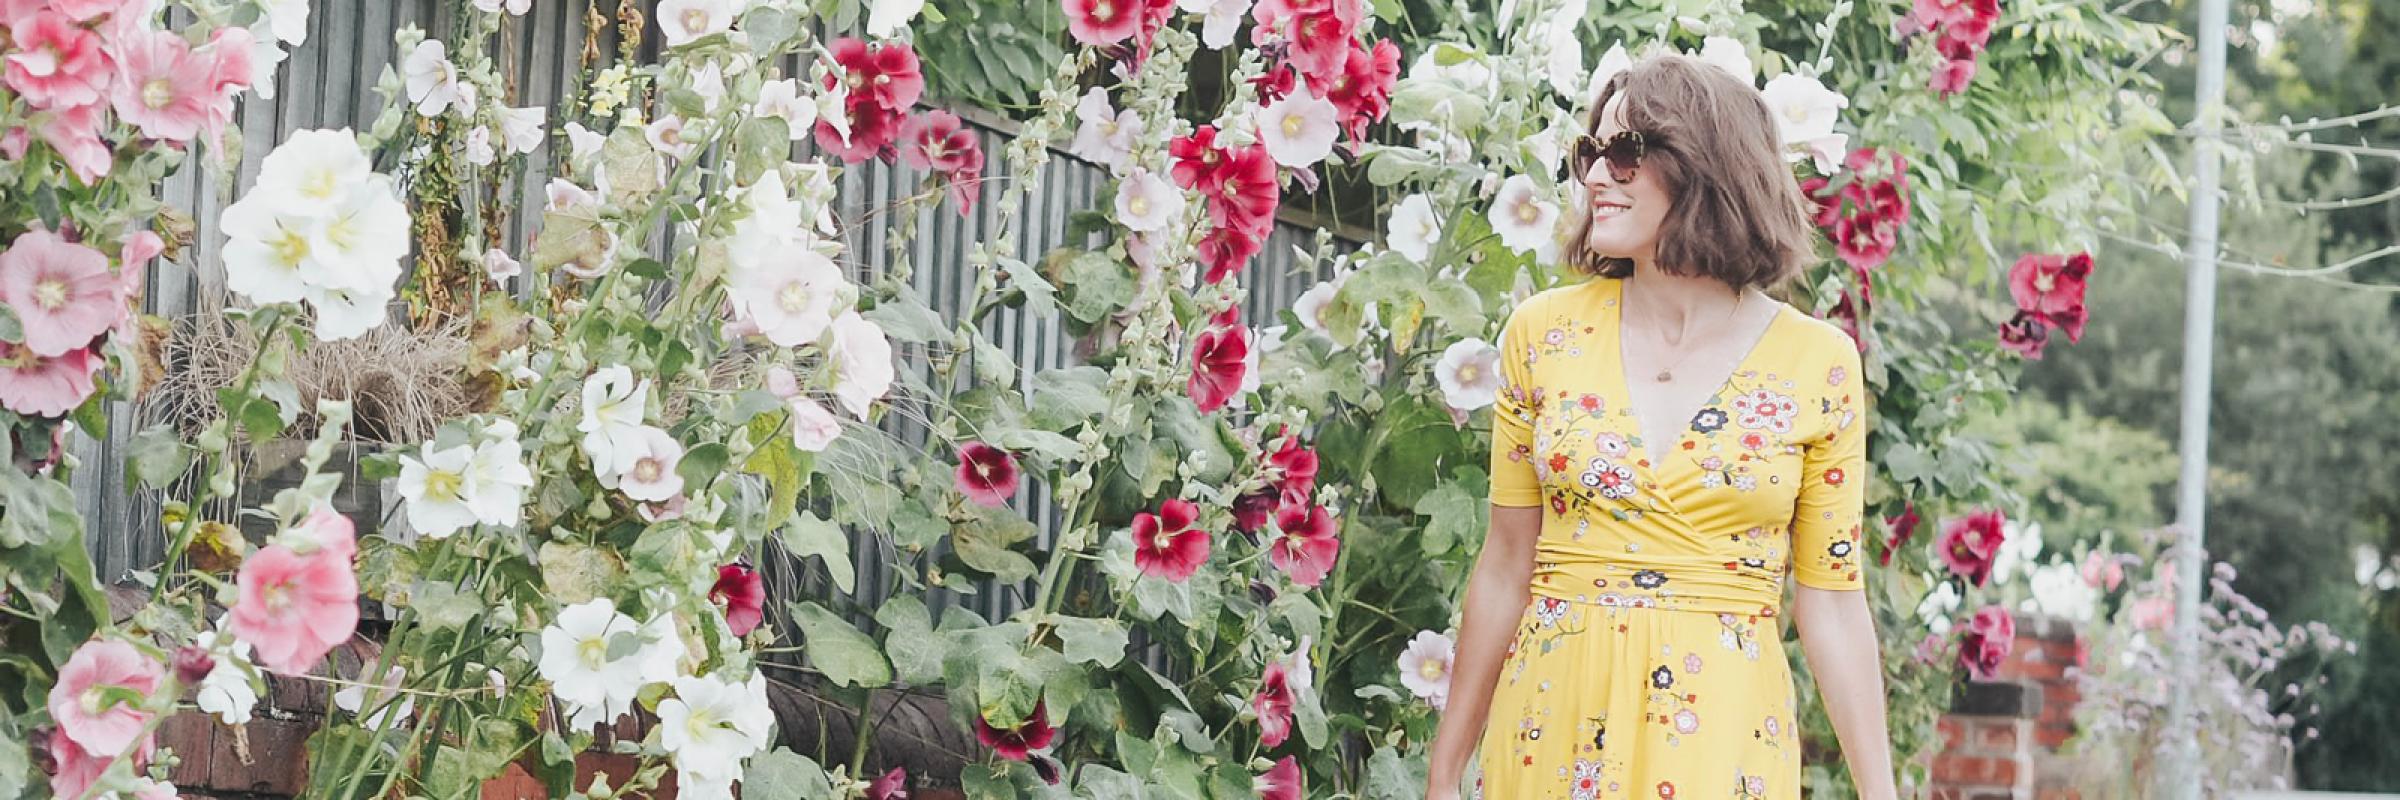 Blooming Niki Slider v2